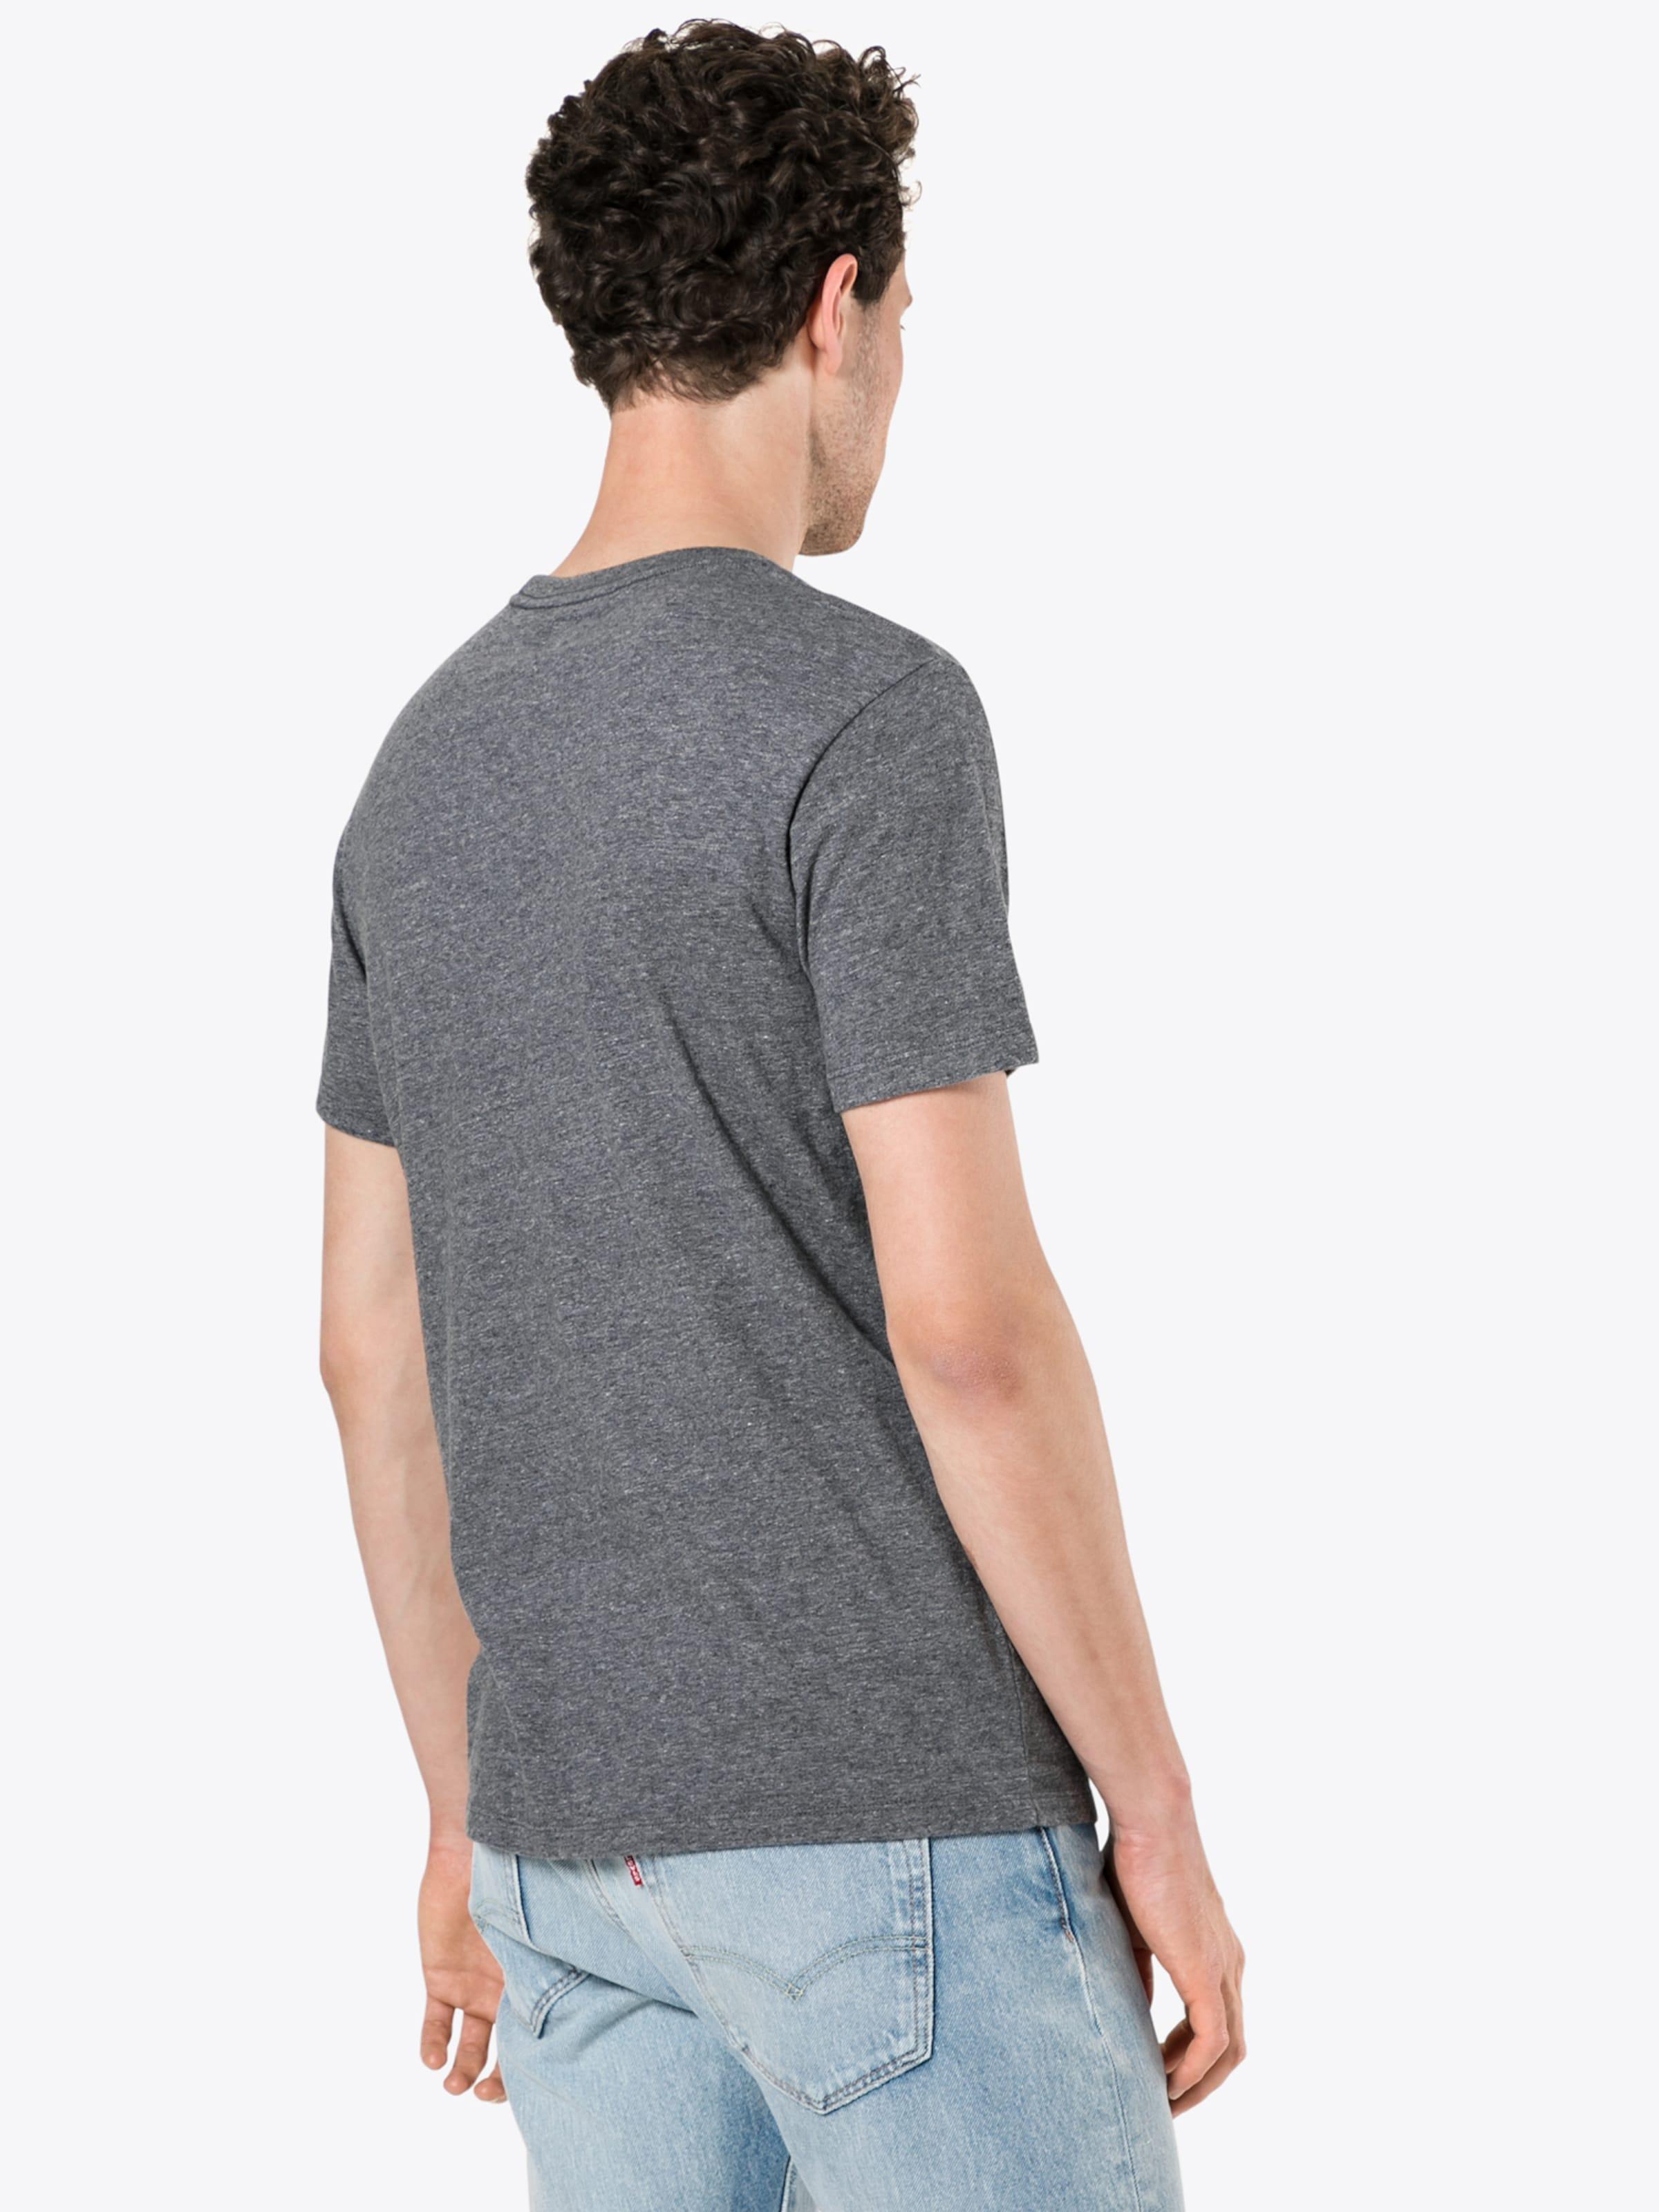 shirt Hm Tee' 'original T En Levi's Gris A34R5jL